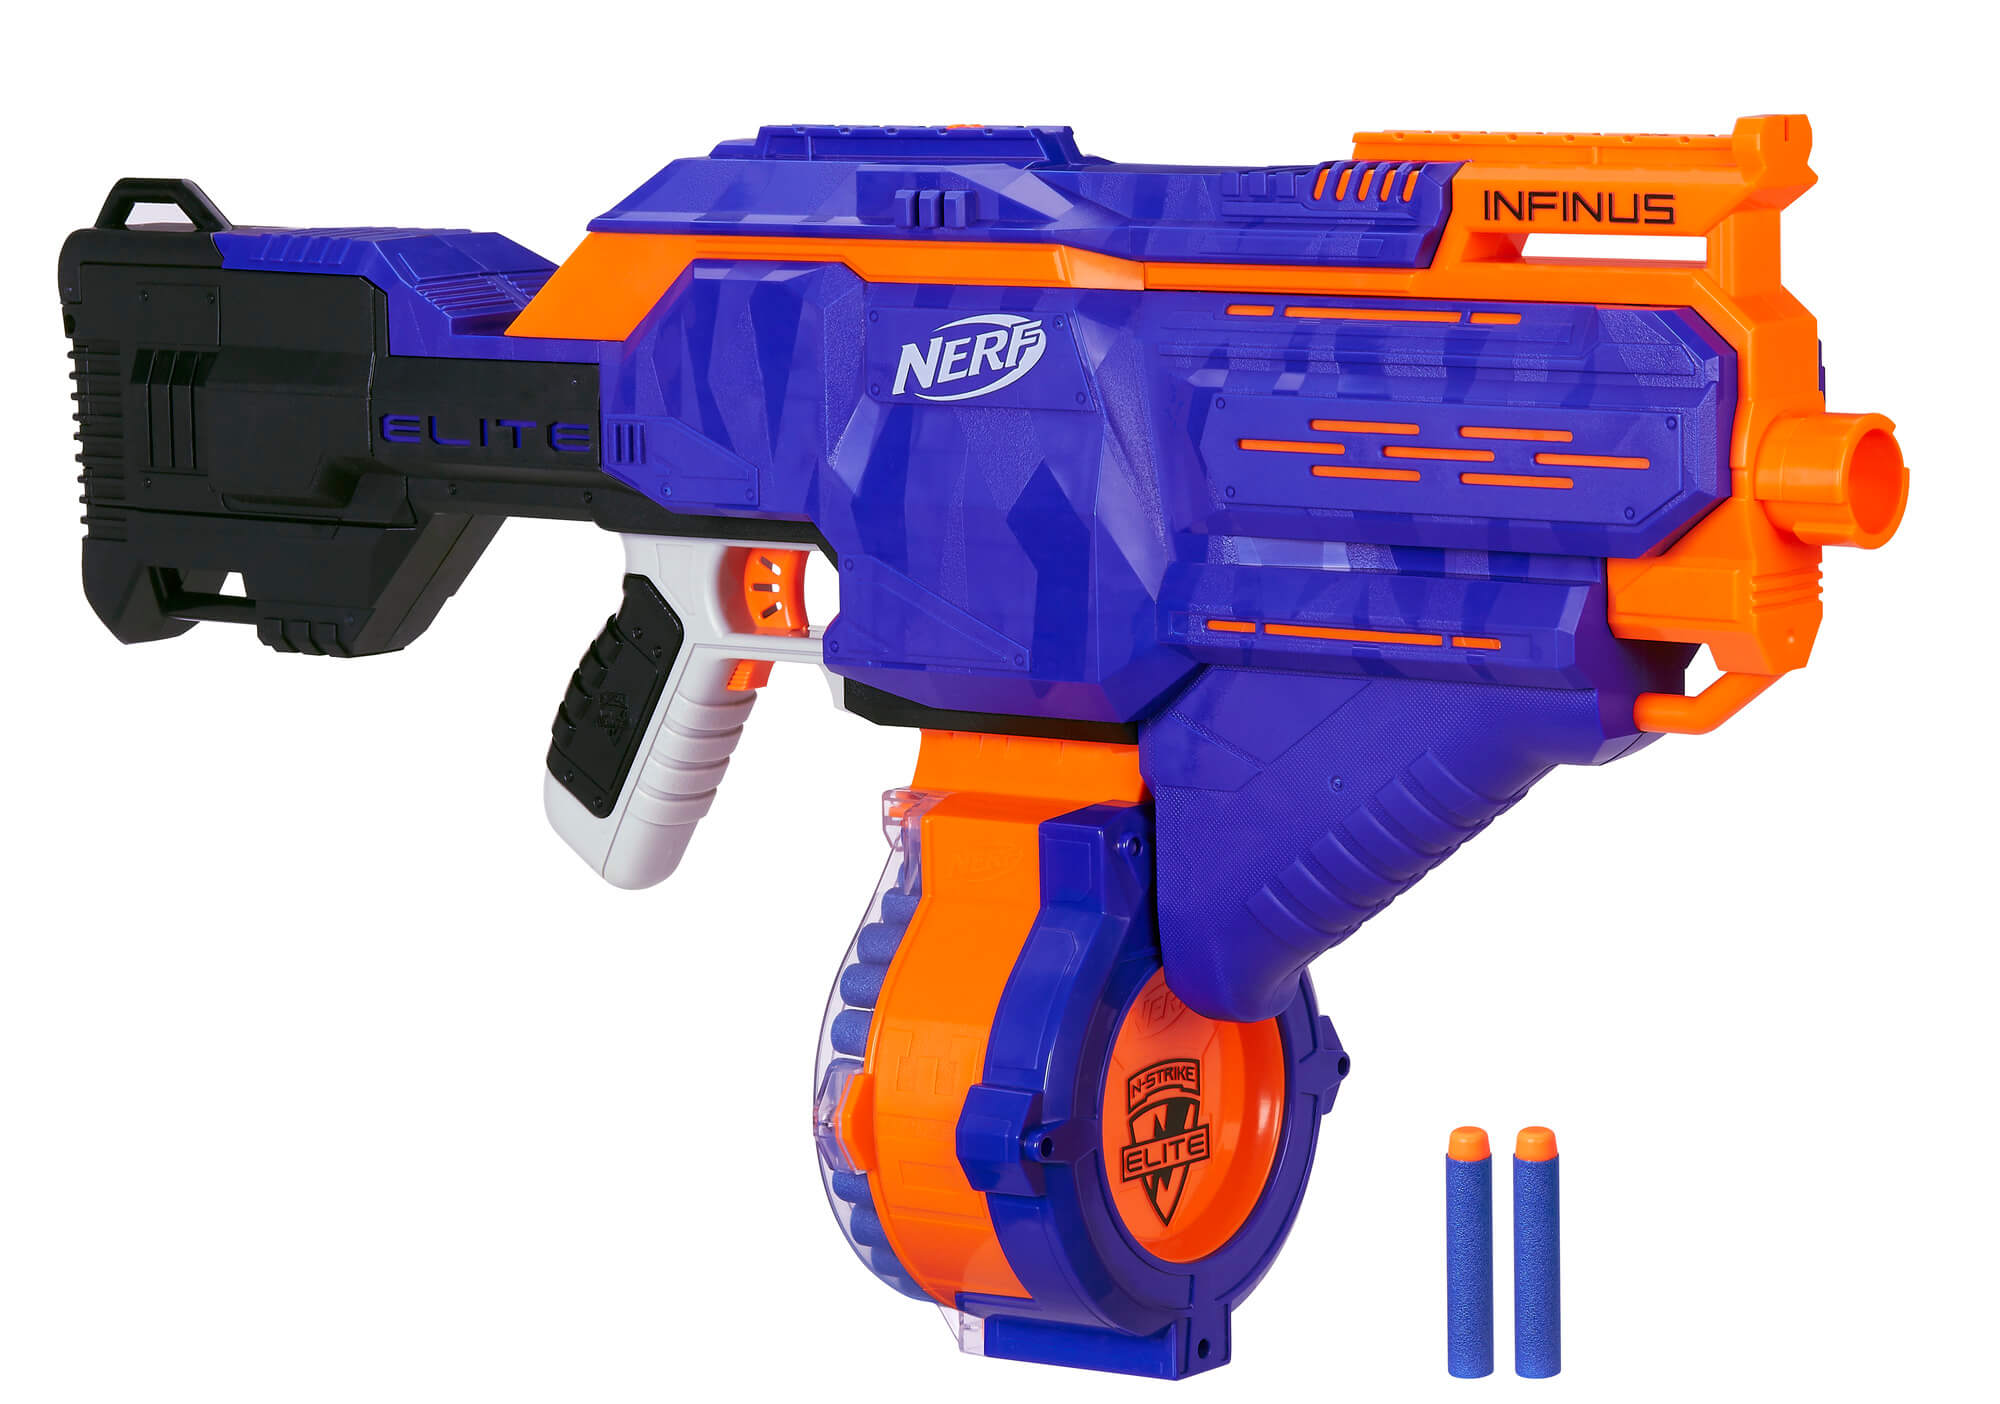 Mua đồ chơi súng NERF E0438 - (Mã: E0438) Súng NERF Infinus (dòng N-Strike Elite)